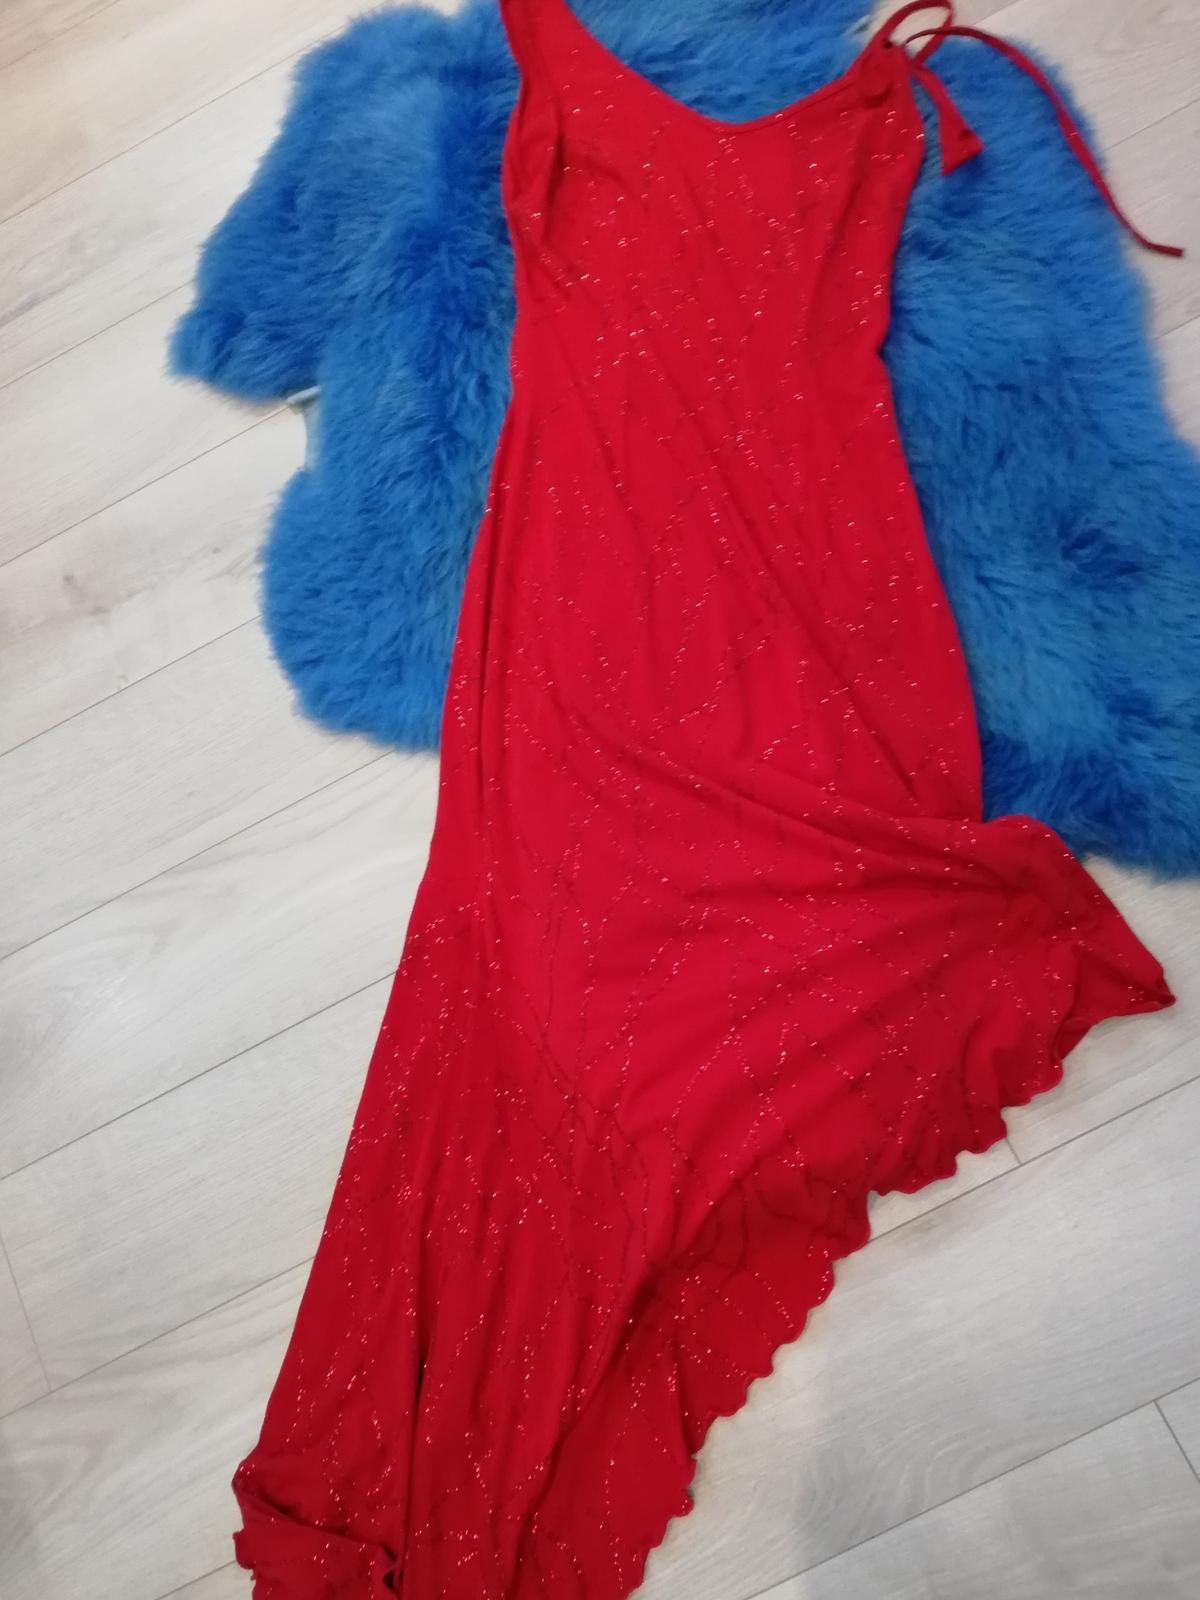 Červené dlhé trblietavé šaty - Obrázok č. 1